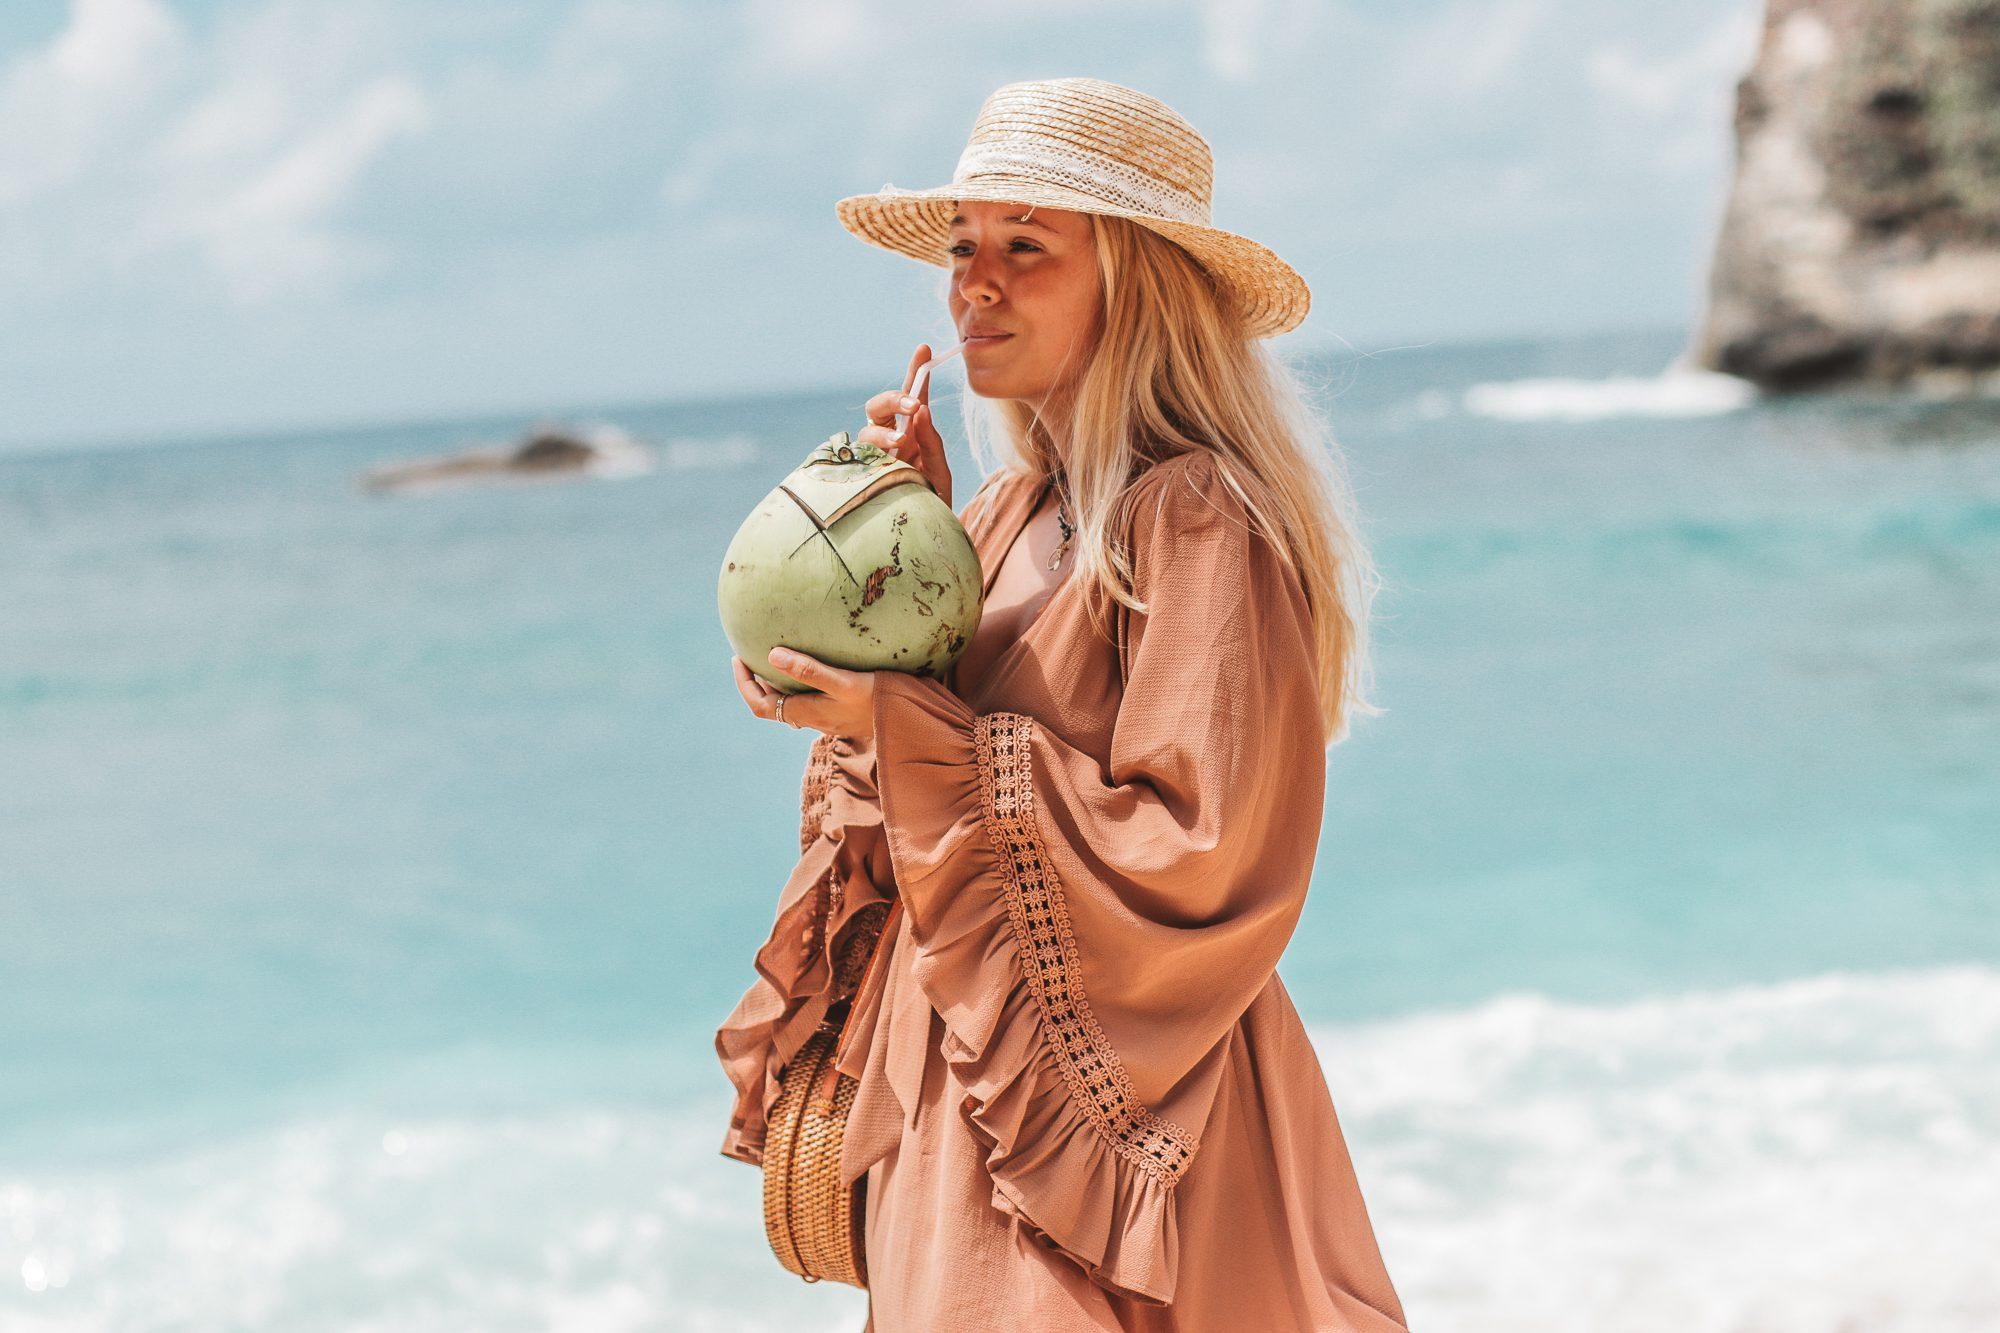 Beach outfit in Bali // Atuh Beach // Fashion blogger